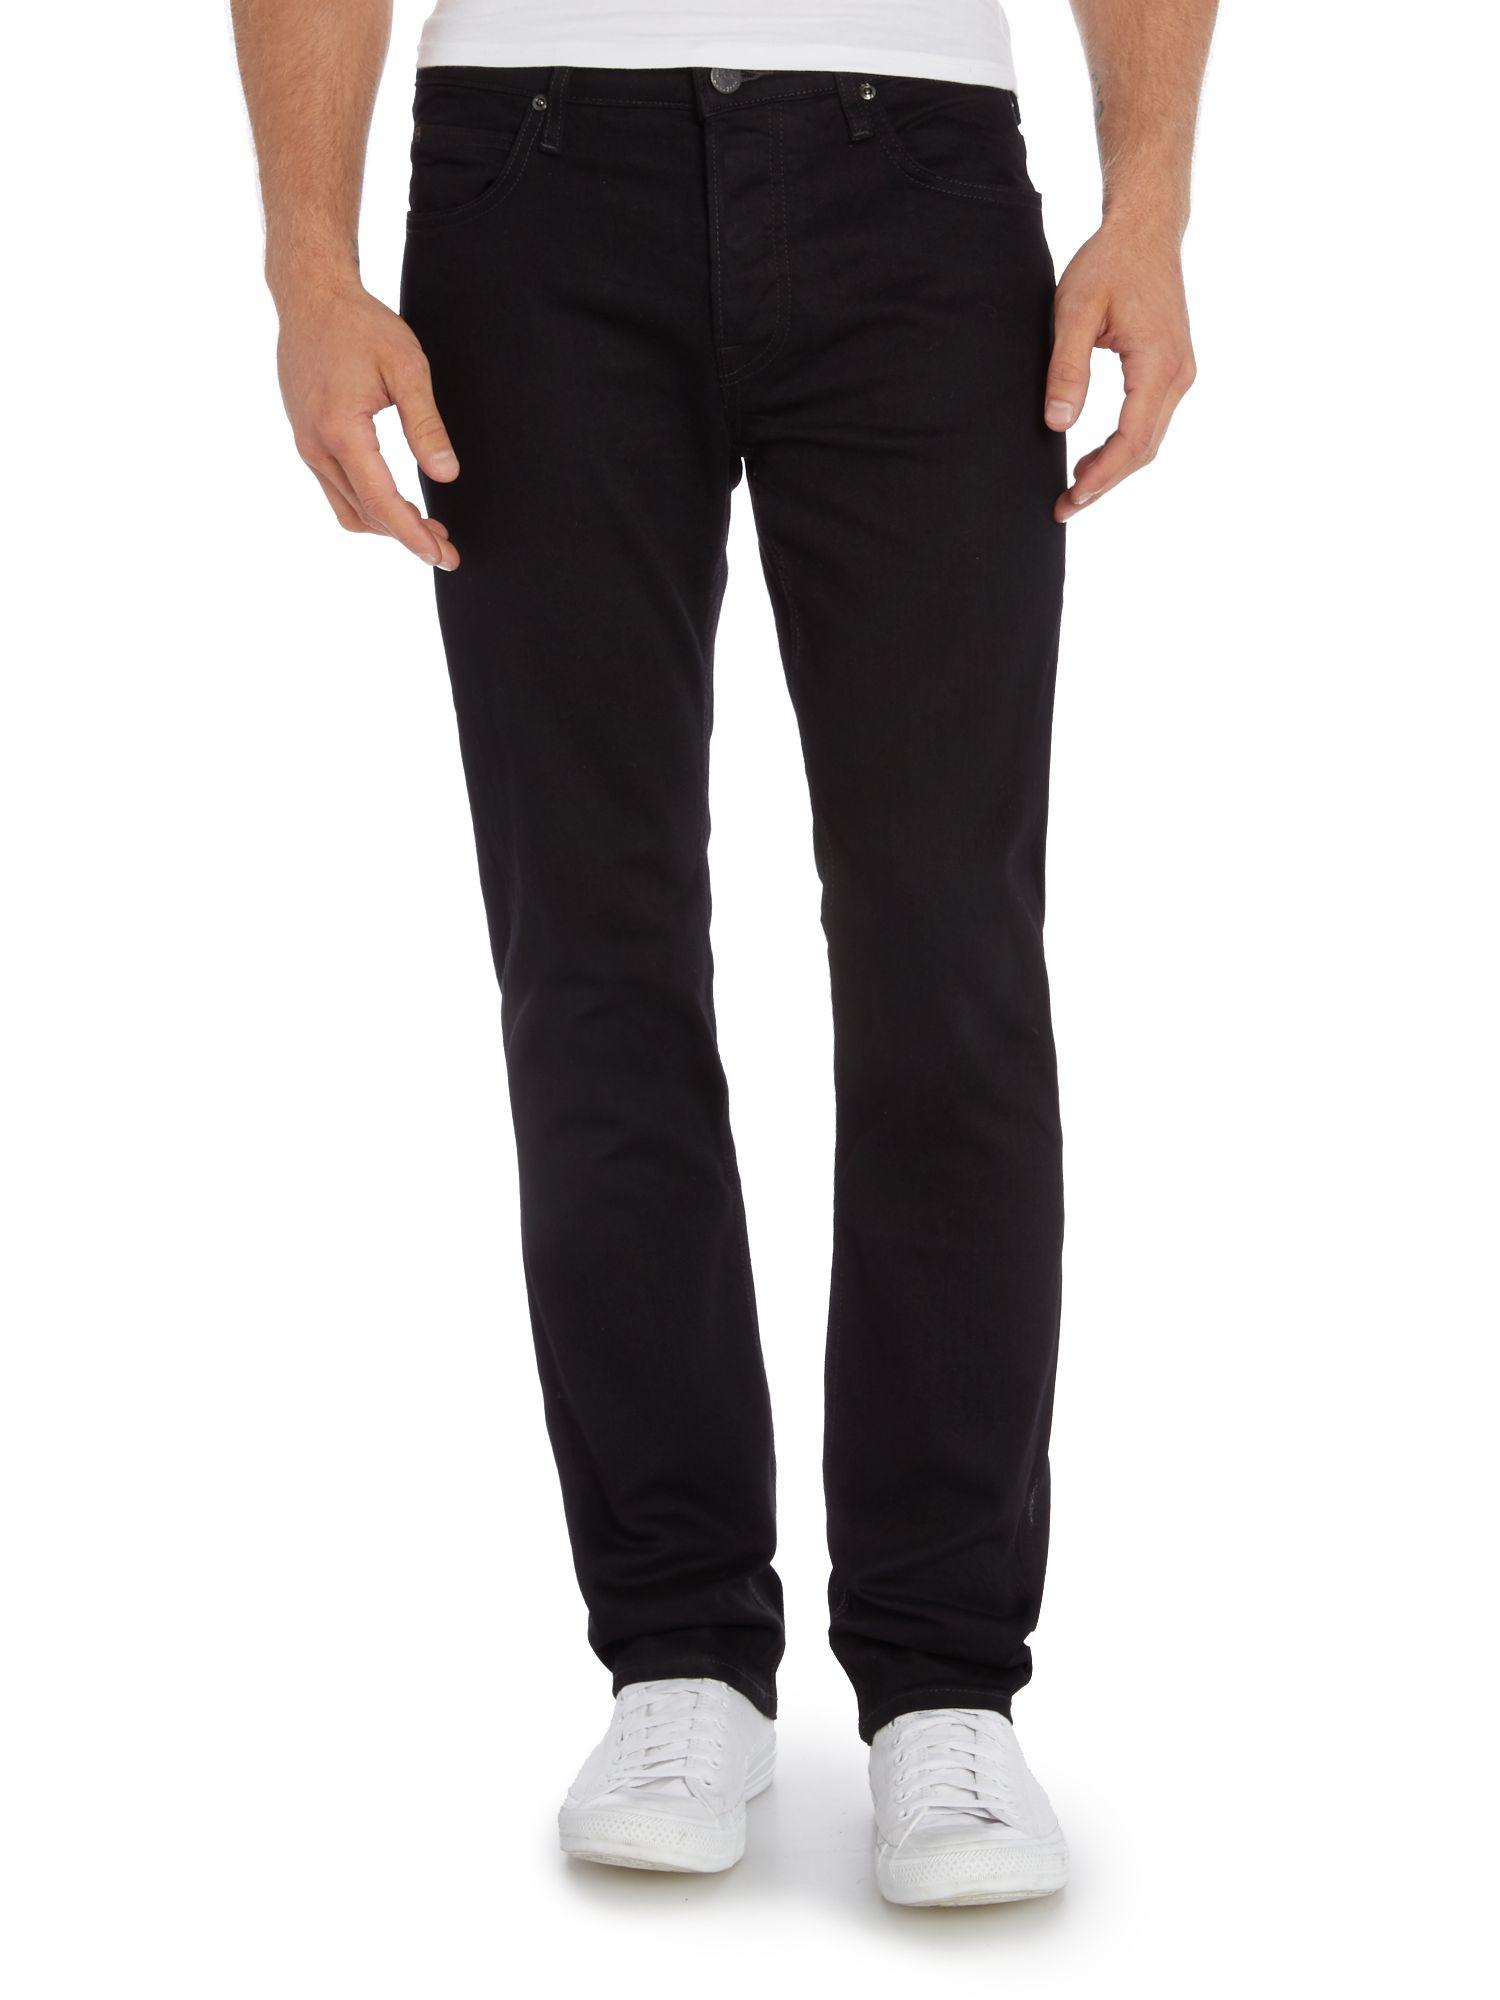 lee black jeans for men - photo #11